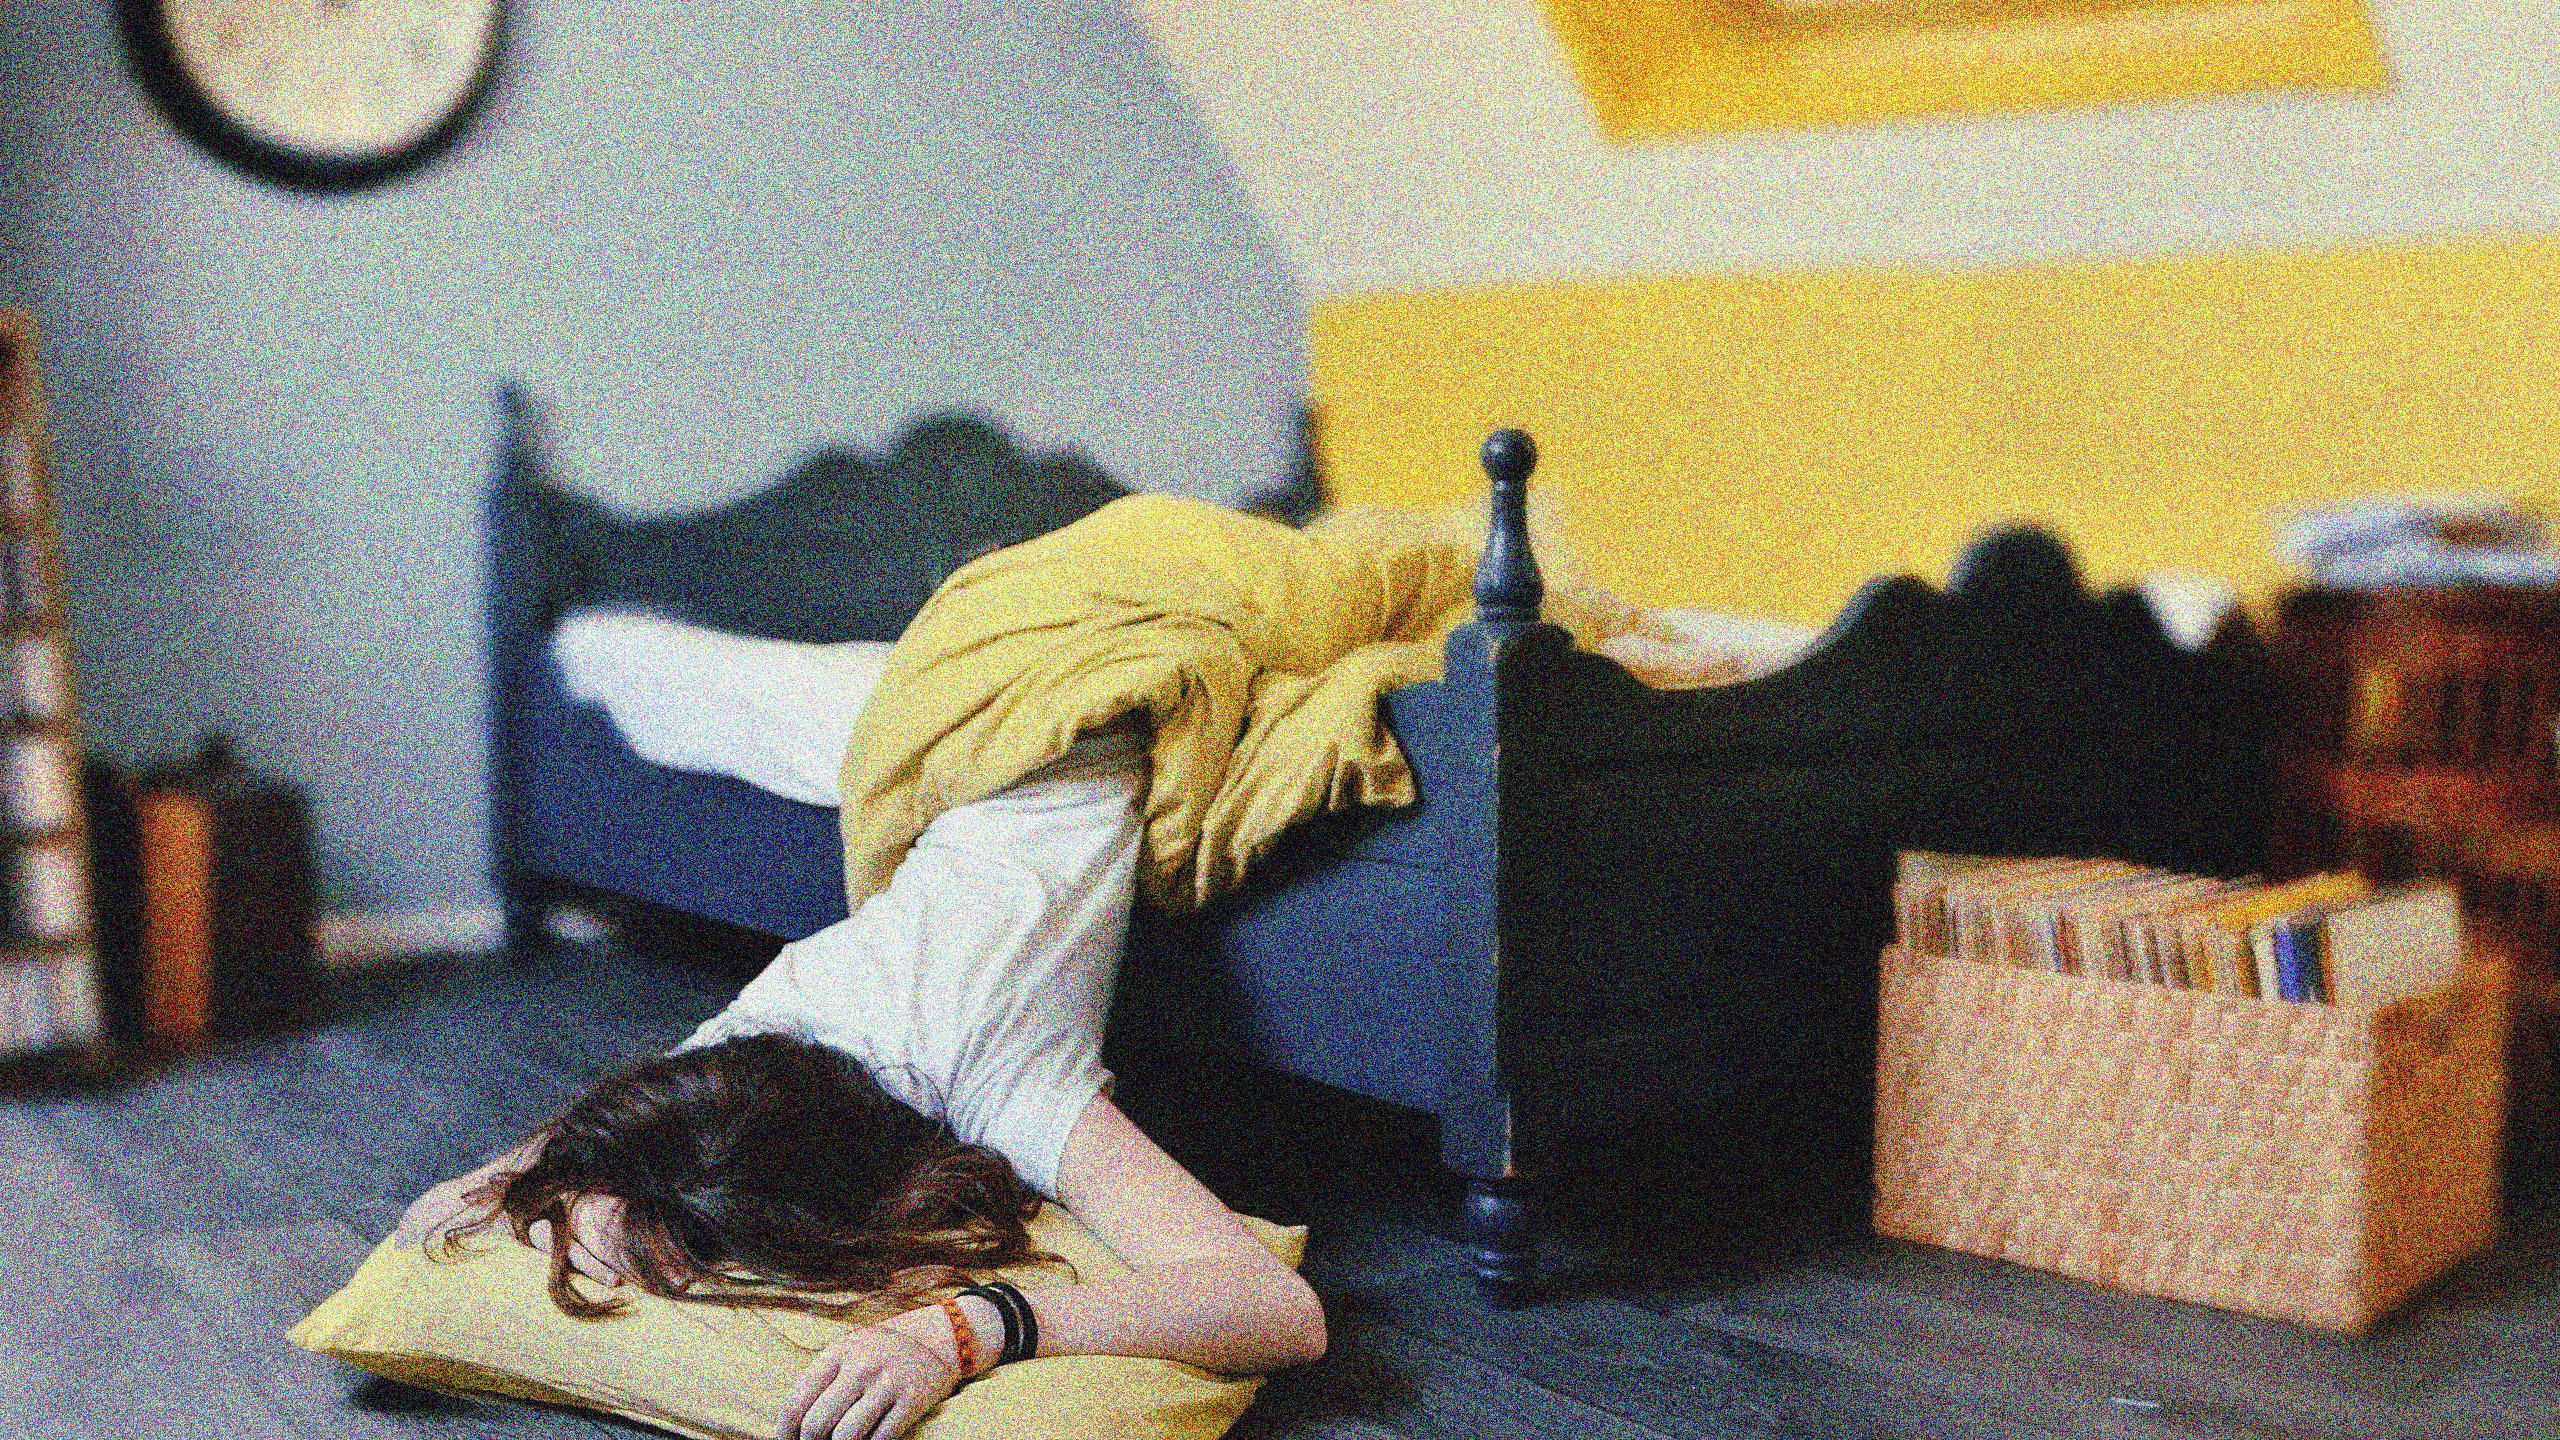 Плохо сплю, просыпаюсь ночью – причины